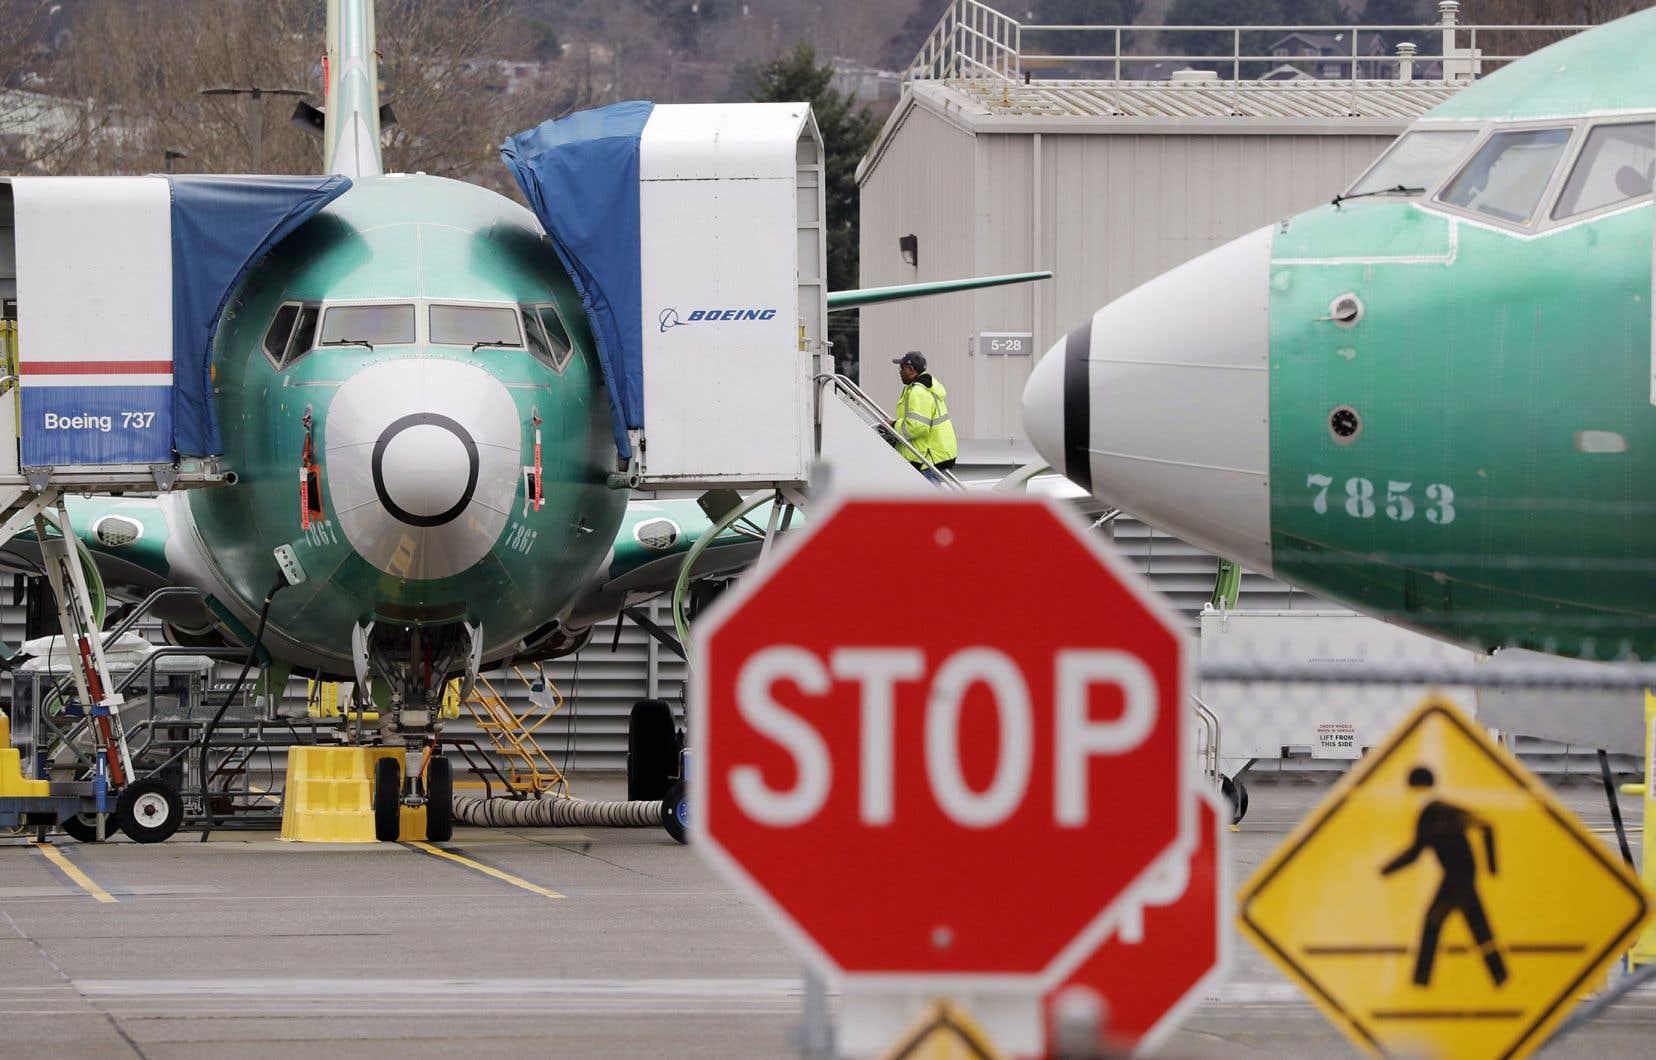 La pandémie de coronavirus a poussé Boeing à solliciter une aide publique de 60milliards de dollars pour lui et ses fournisseurs.